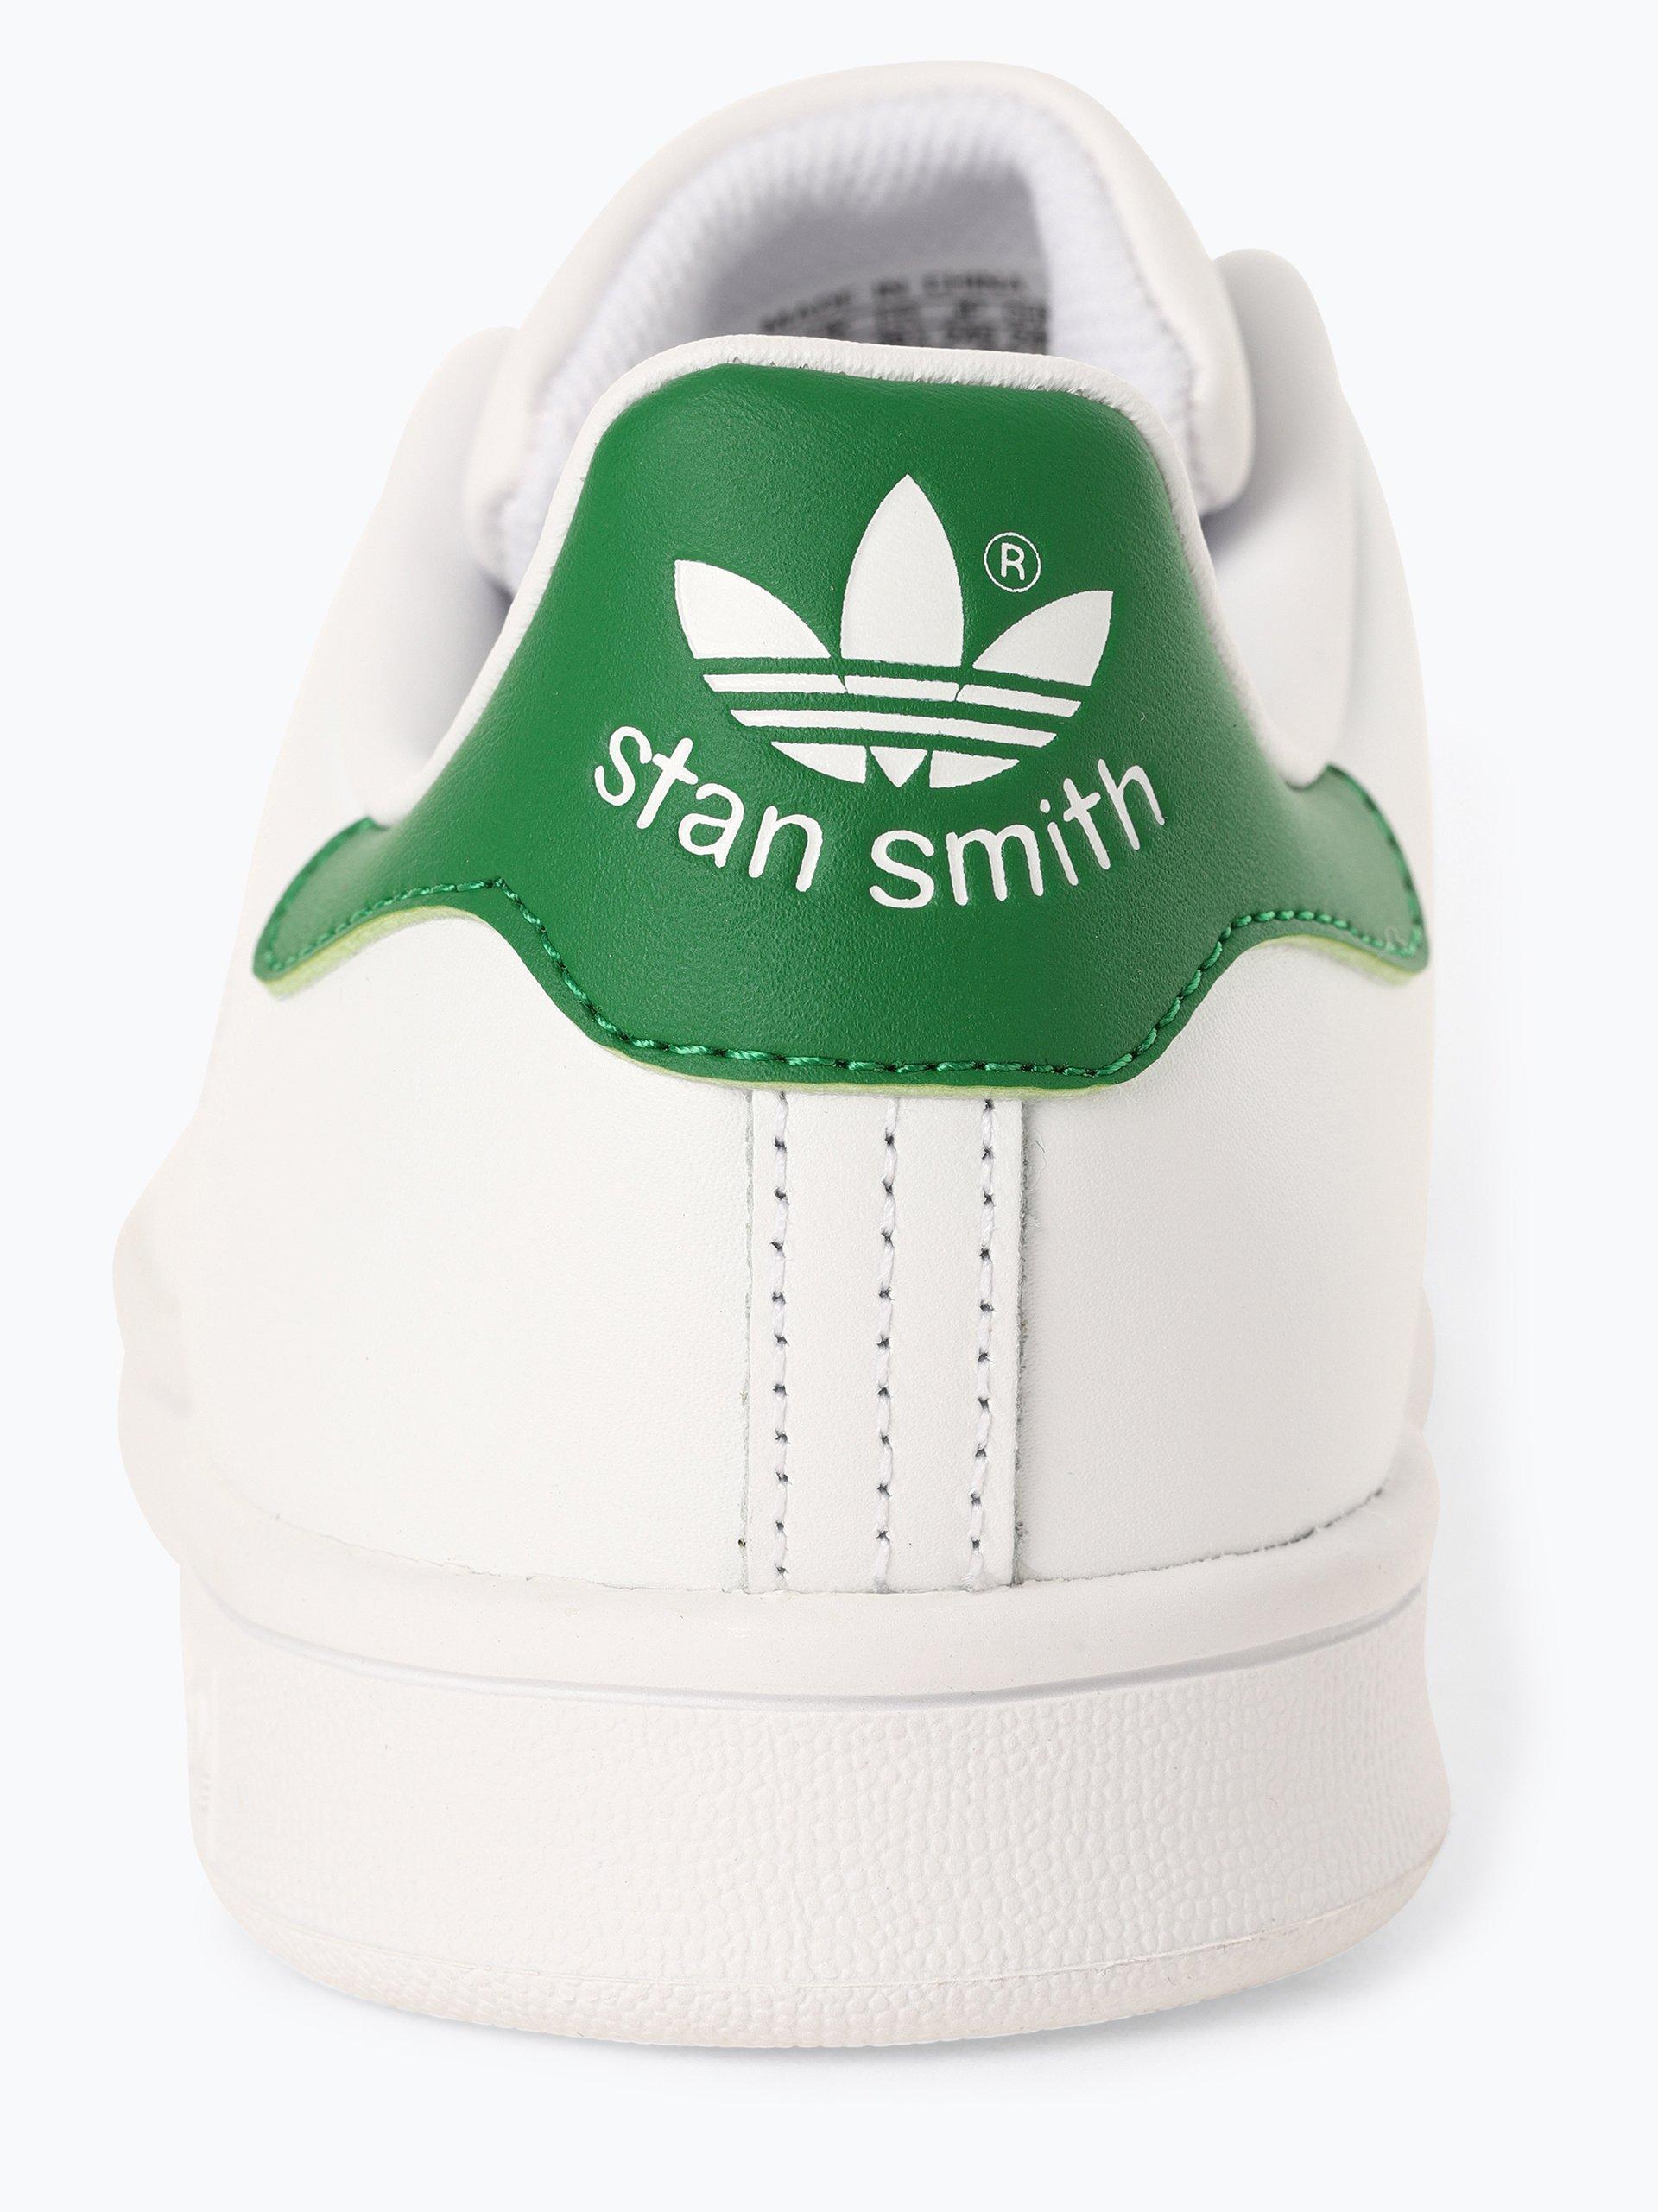 adidas Originals Herren Sneaker mit Leder-Anteil - Stan Smith